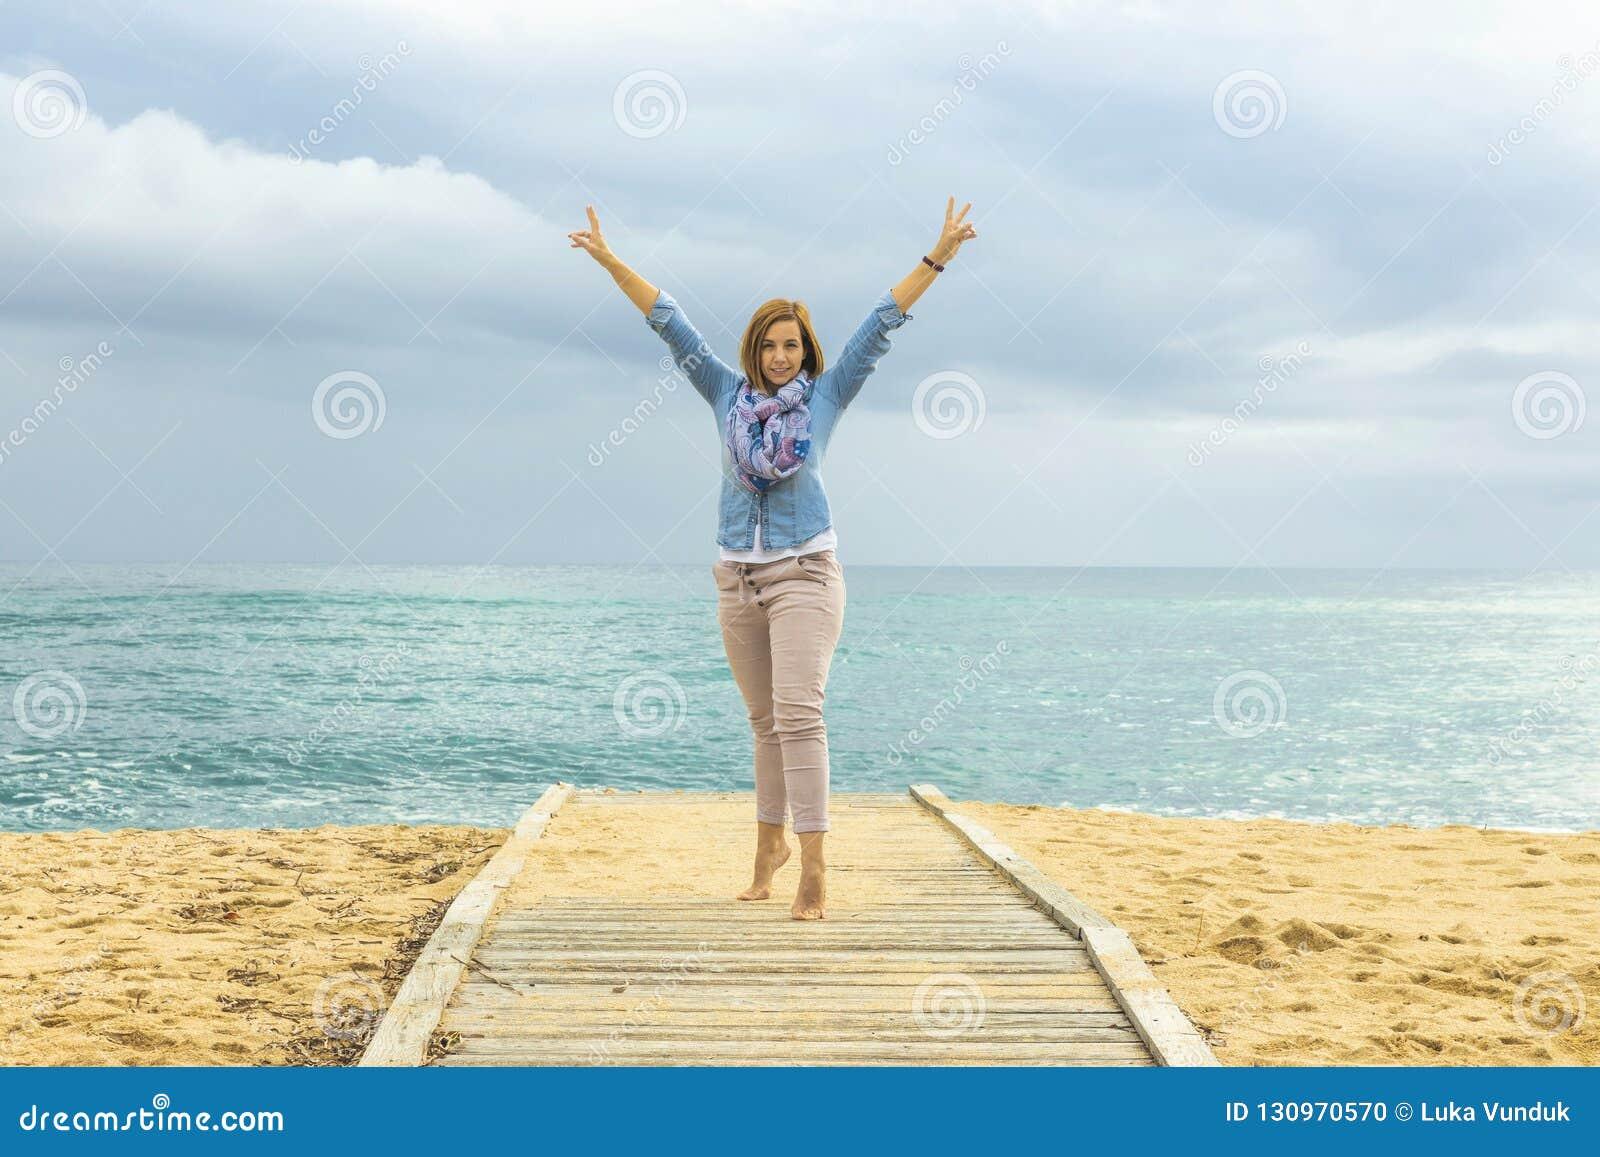 Stile di vita ottimista Potere di una donna positiva